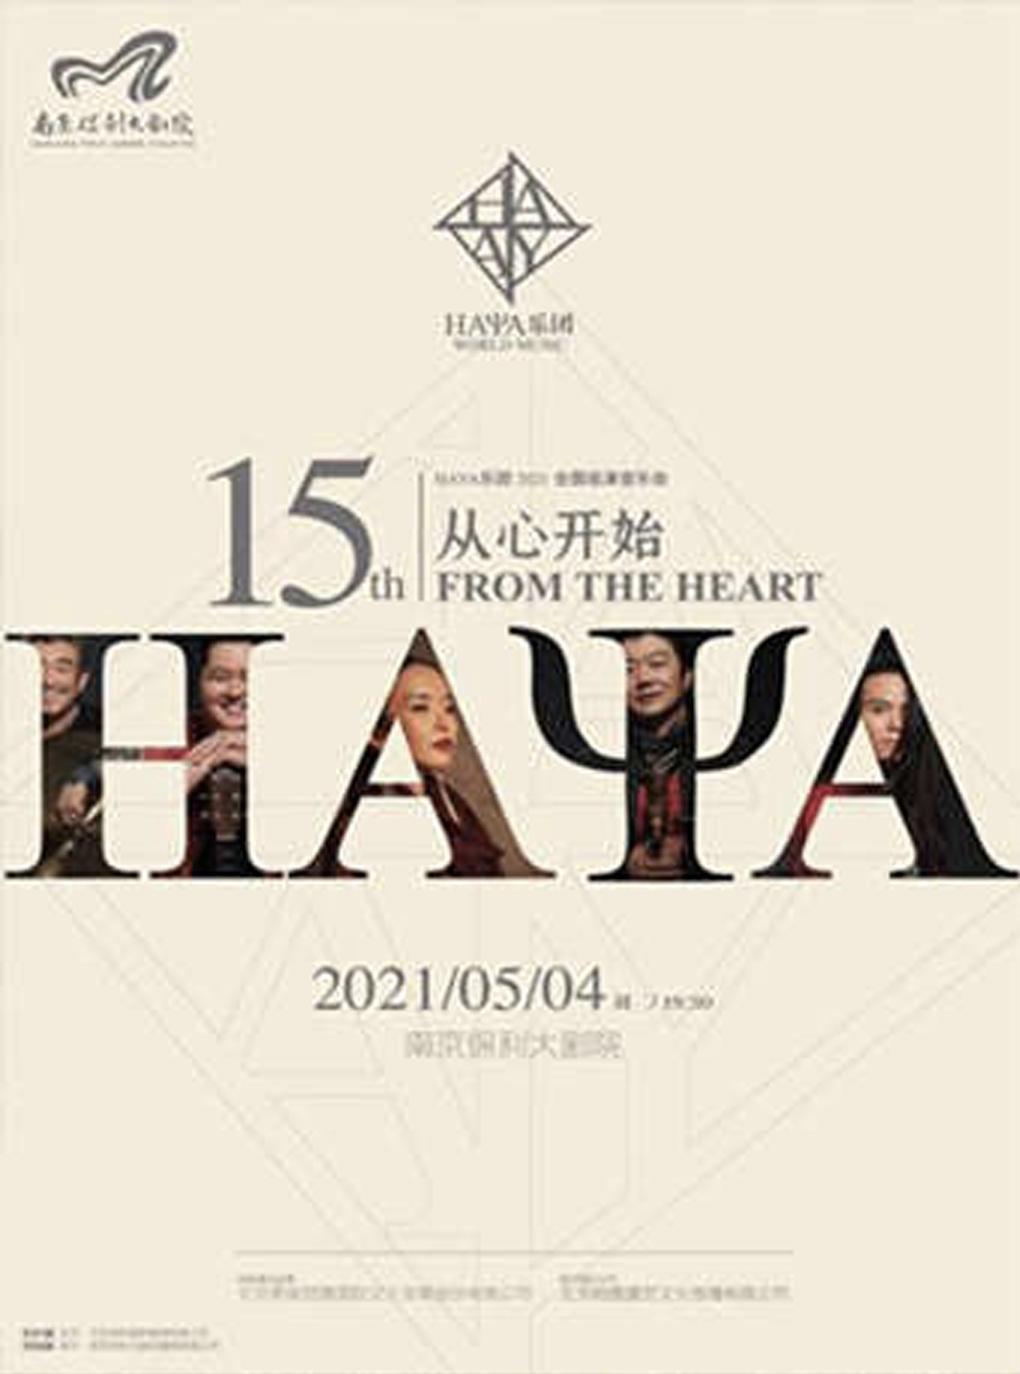 【南京站】 HAYA乐团音乐会